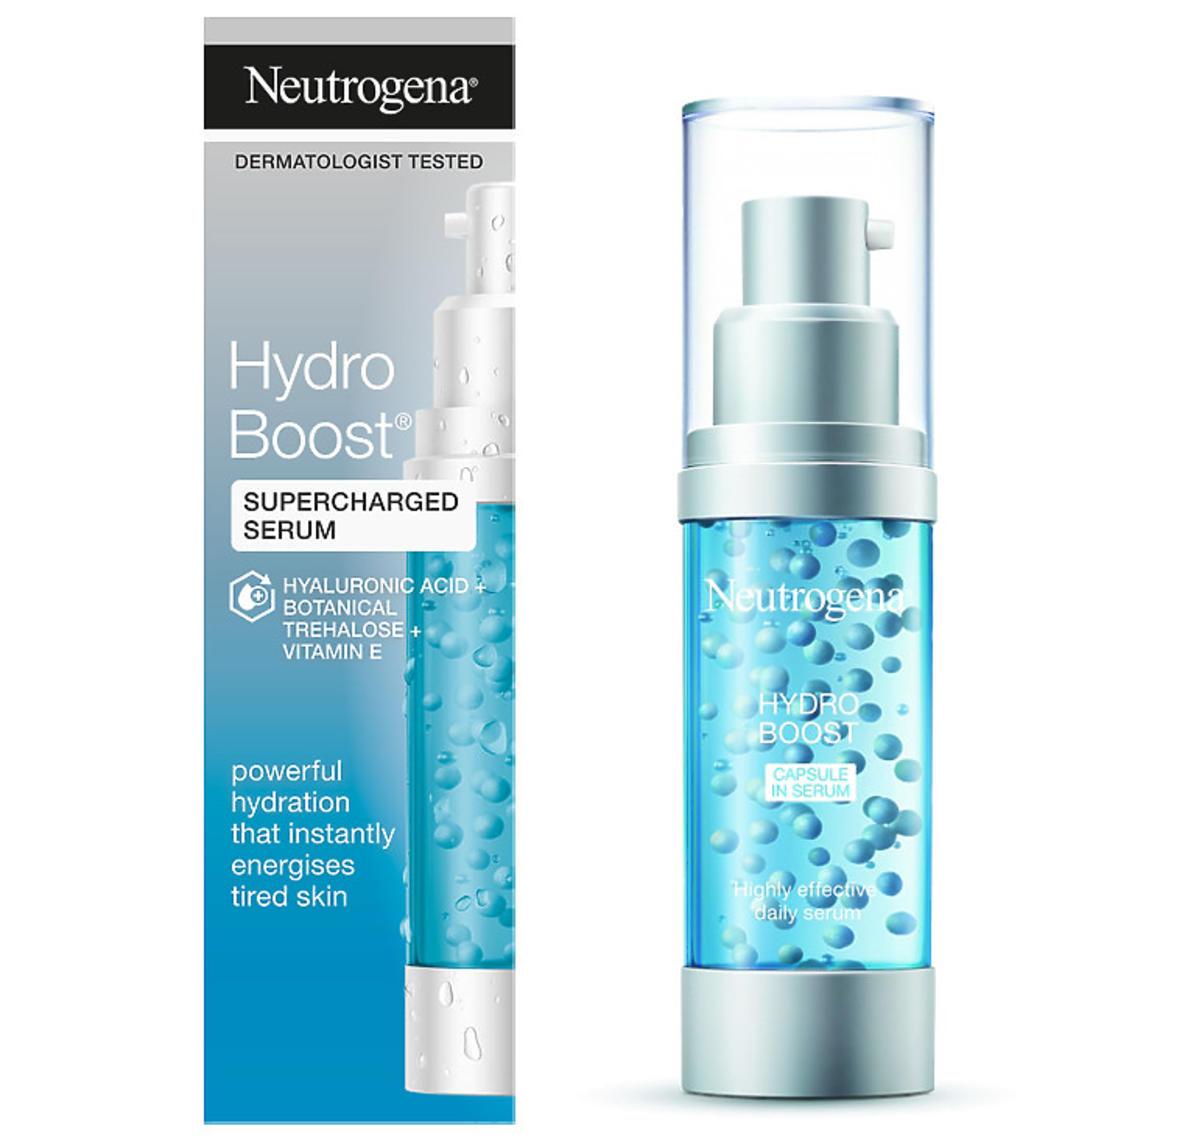 NEUTROGENA Hydro Boost nawadniający booster serum do twarzy